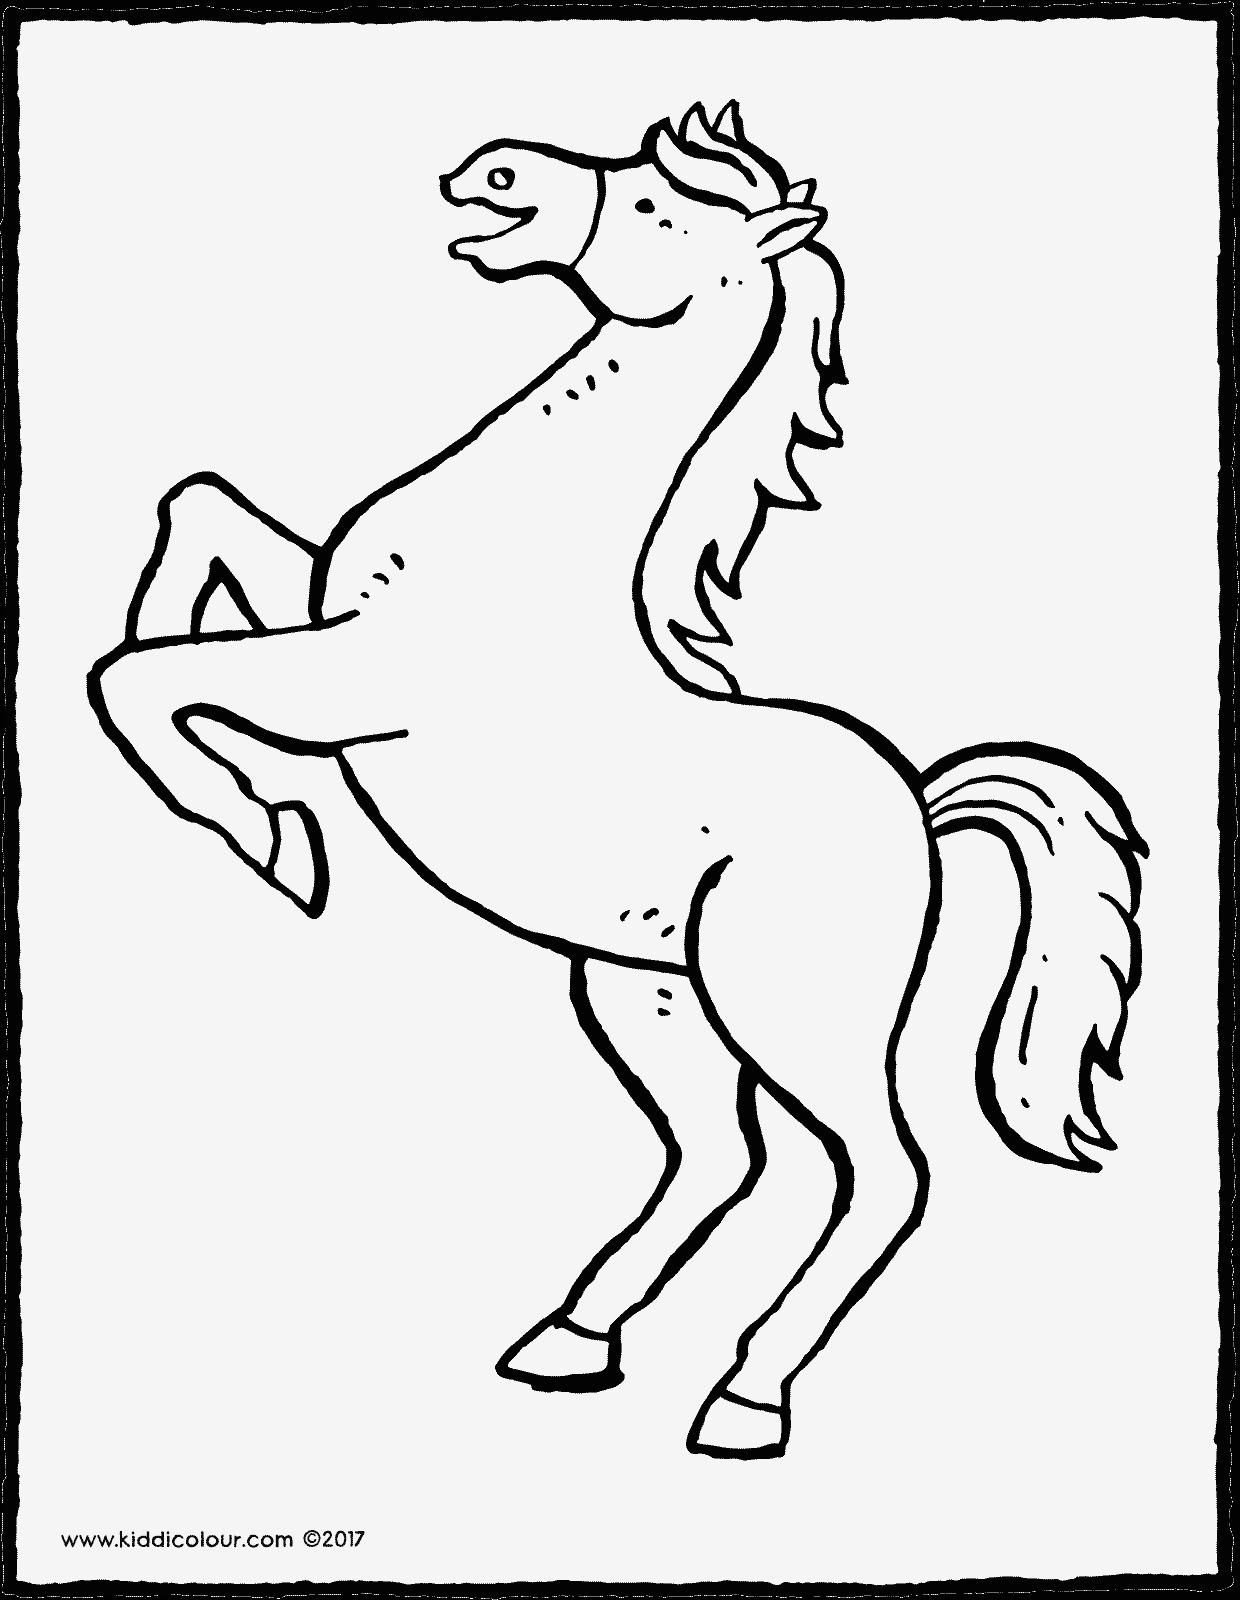 Prinzessin sofia Ausmalbilder Das Beste Von Bildergalerie & Bilder Zum Ausmalen Ausmalbilder Hund Und Pferd Galerie